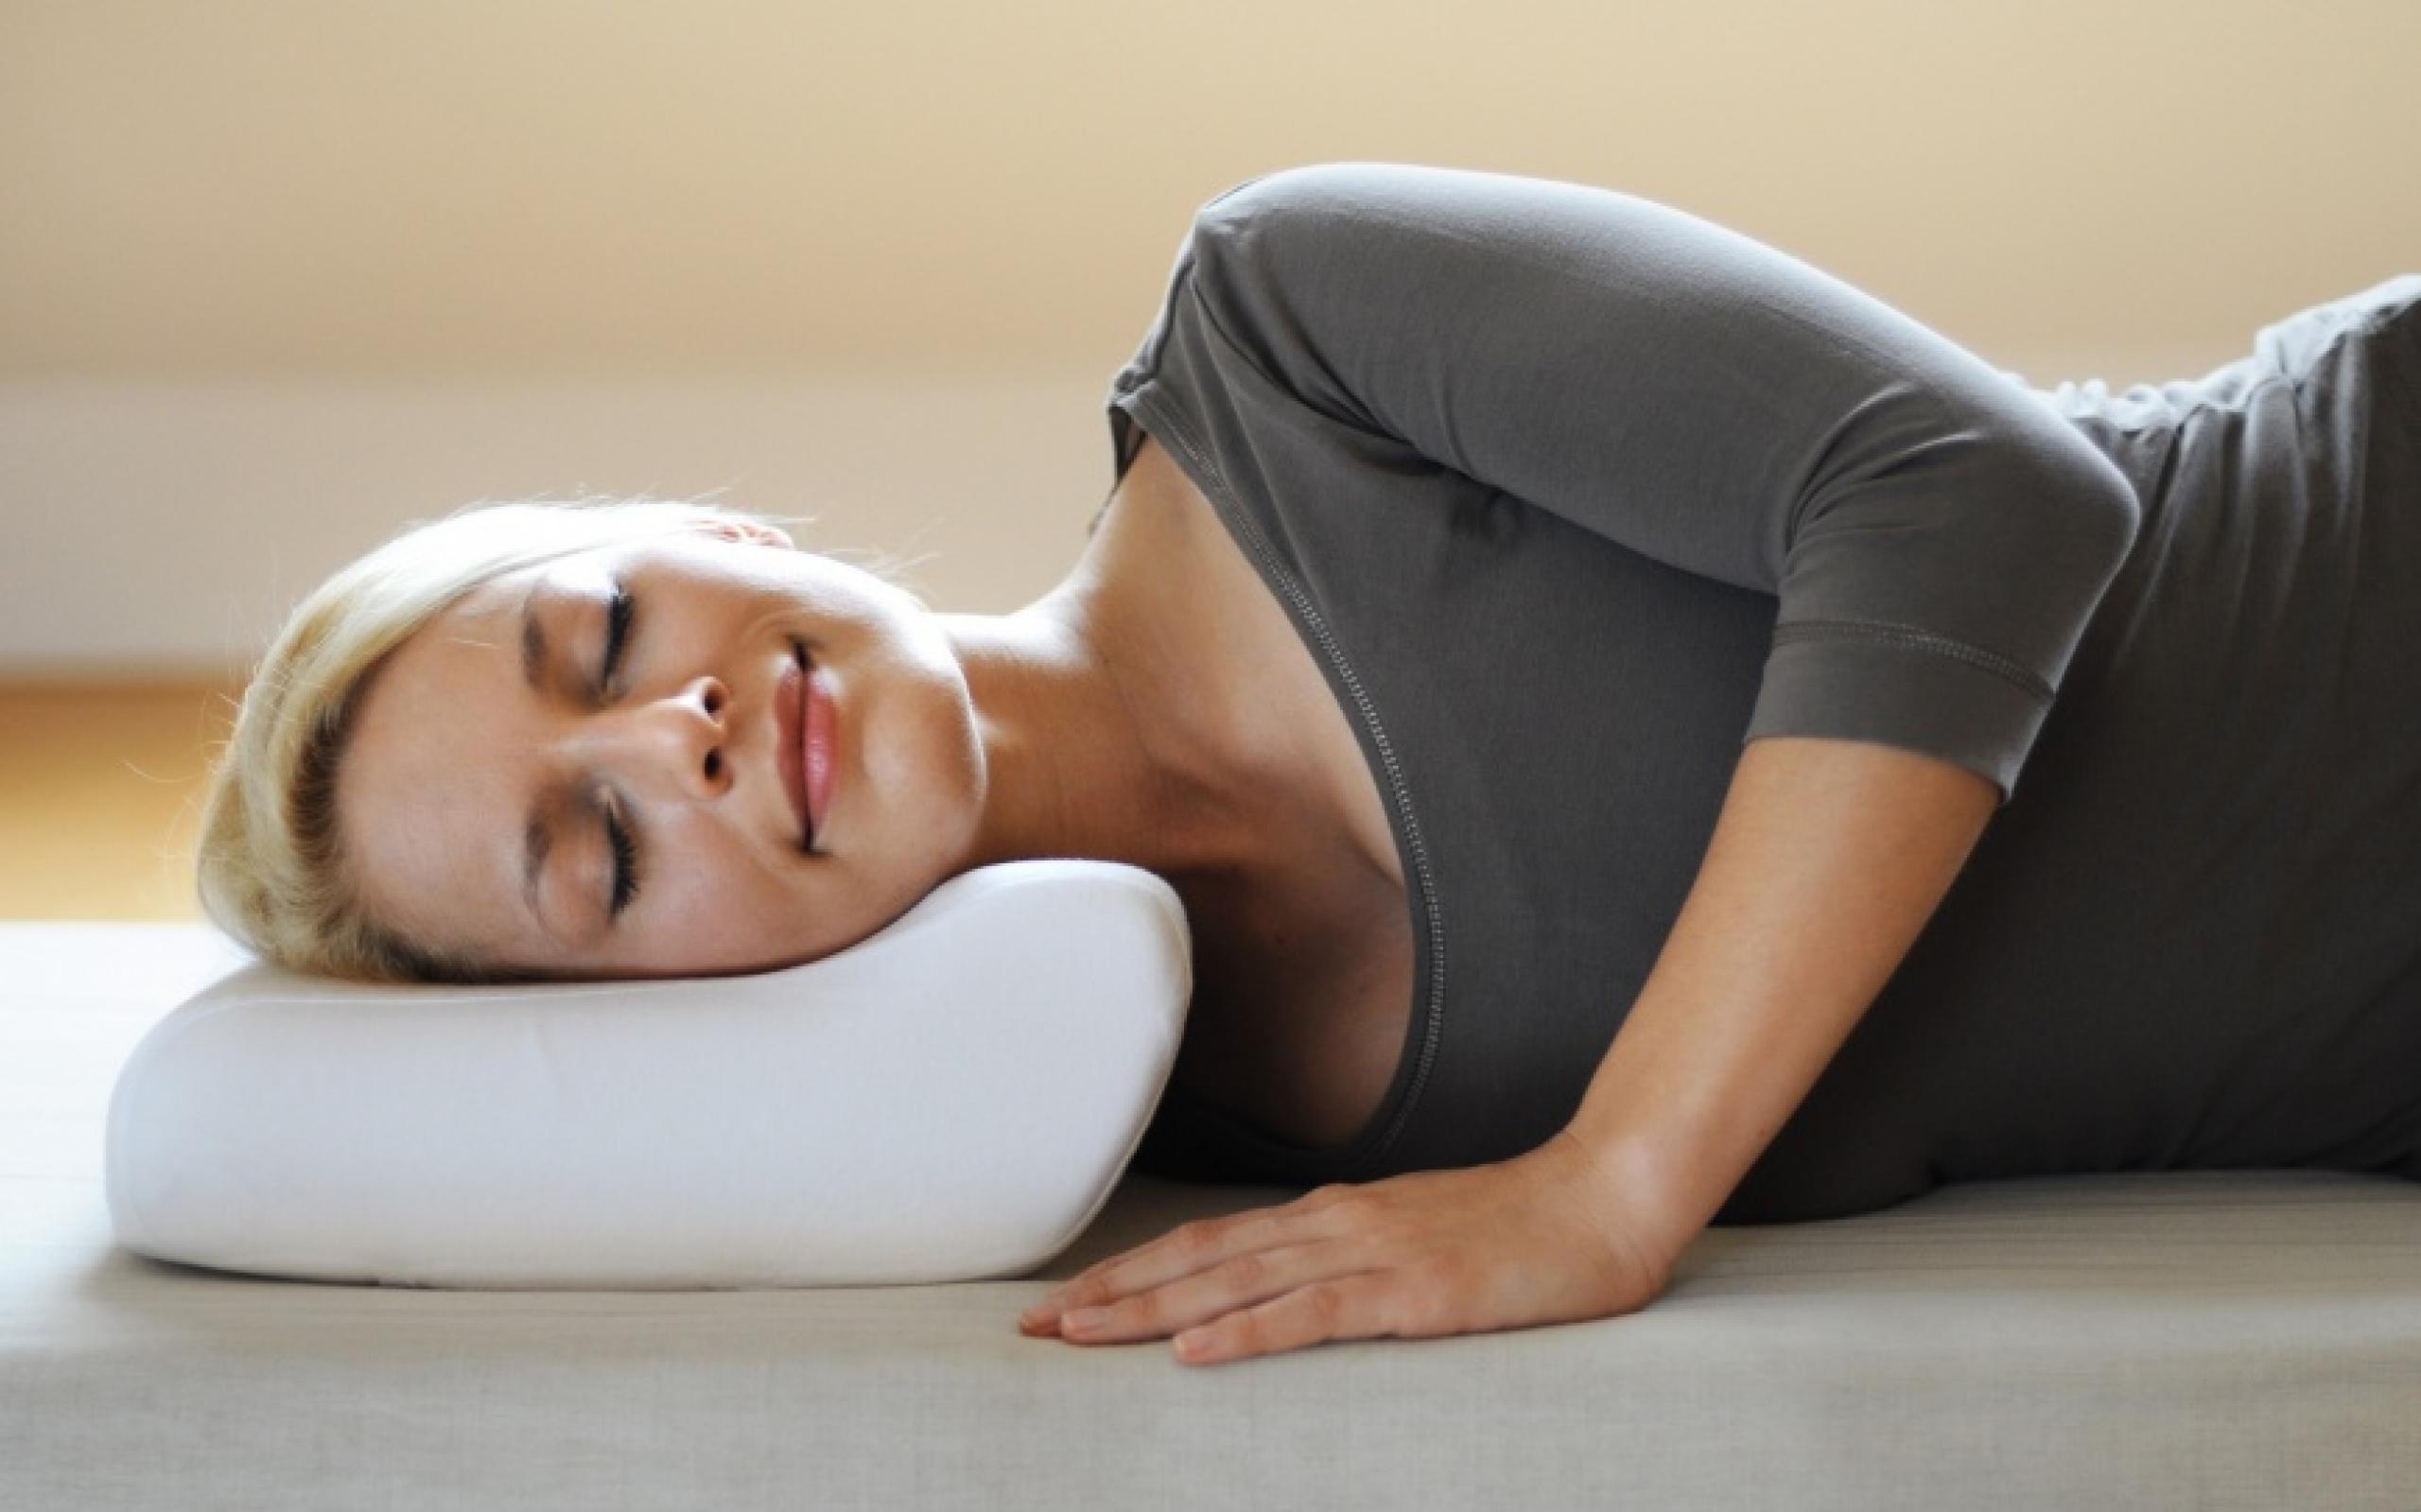 Сомнологи считают выбор полушки для сна – один из ключевых факторов, влияющих на качество отдыха.